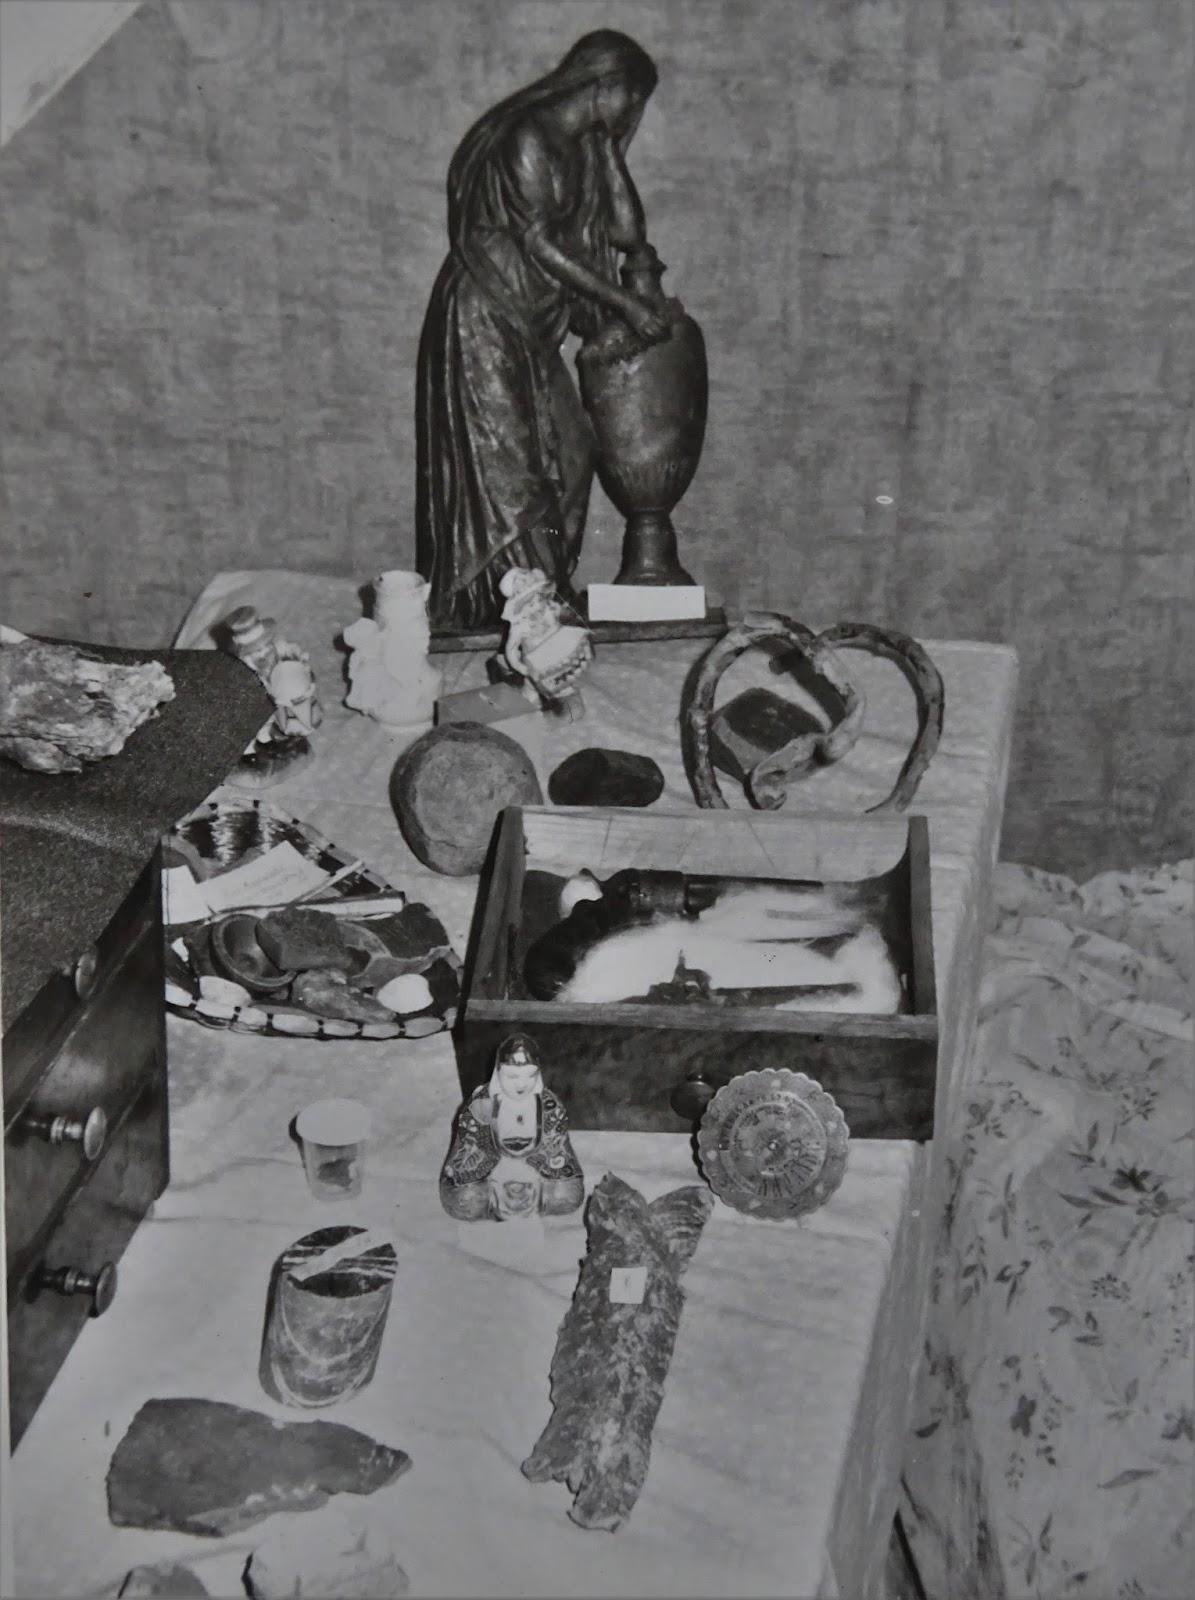 Ausstellungsstücke Des Hüttenmuseums Darunter Tonscherben Römischer Gefässe Aus Ausgrabungen Nahe Der Saalburg Schieferstein Bohrkern Mit Quarzadern